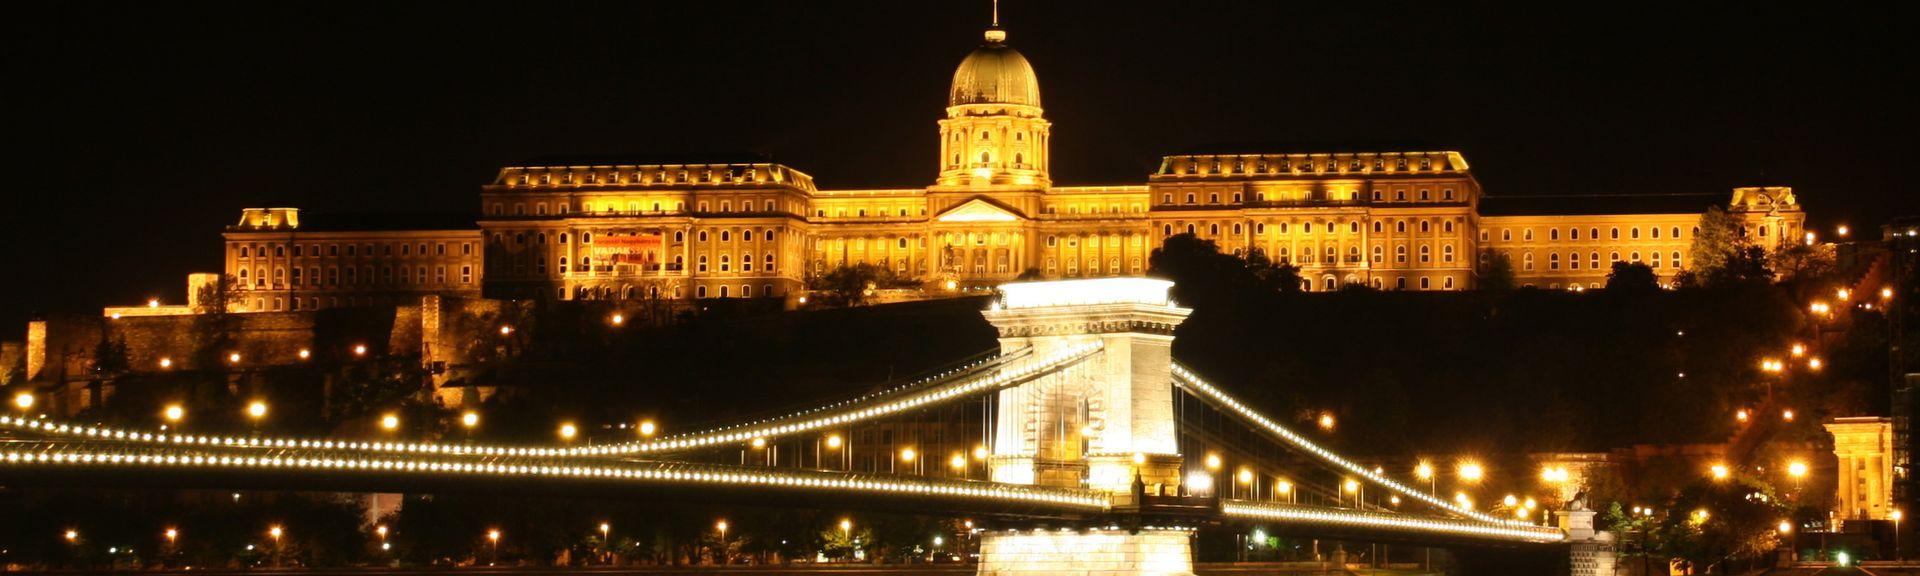 Περιφέρεια II, Βουδαπέστη, Ουγγαρία